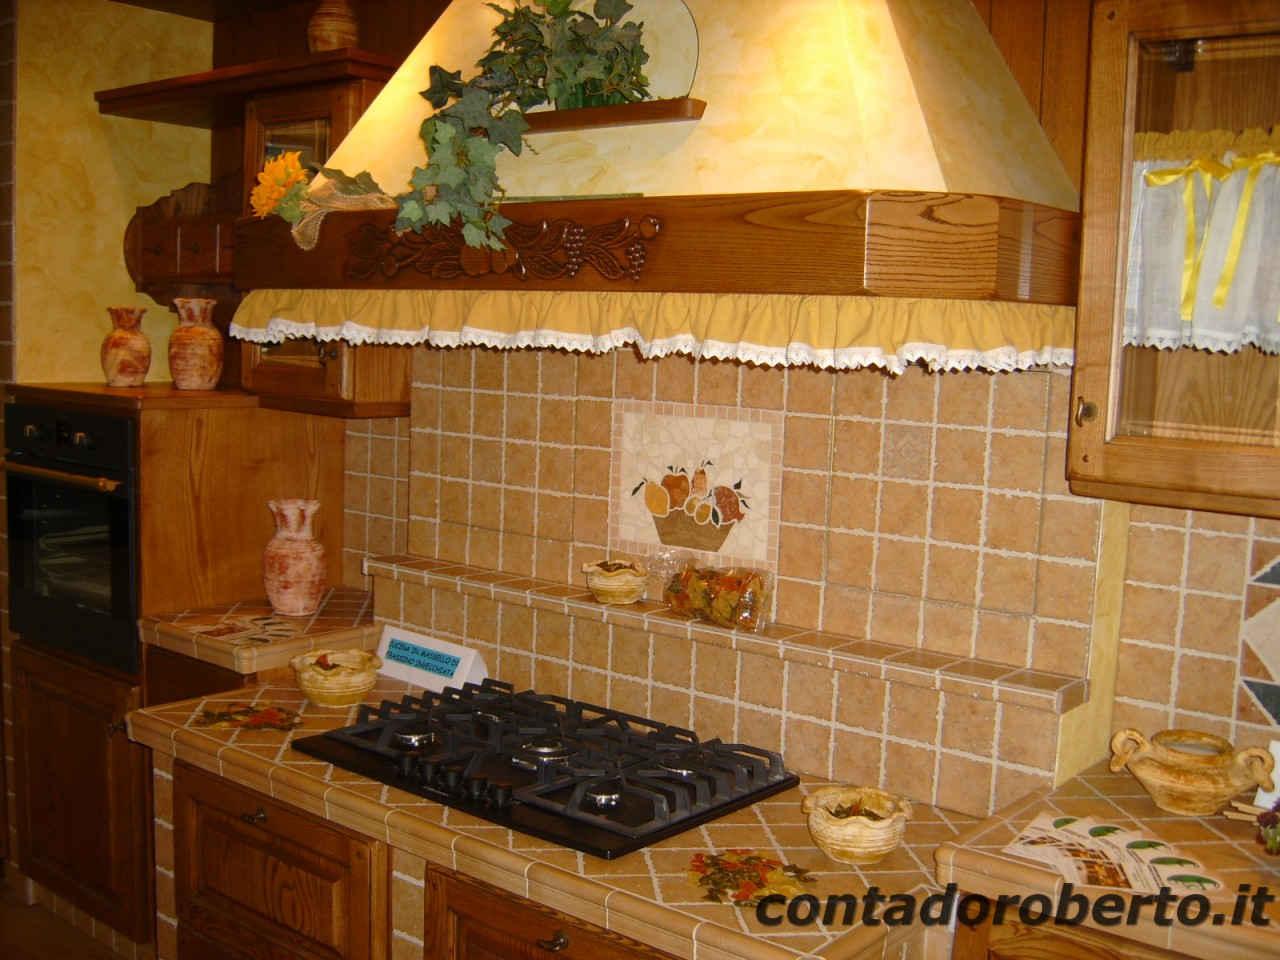 Cucina in muratura la contadina contado roberto group - Rivestimenti cucine in muratura ...